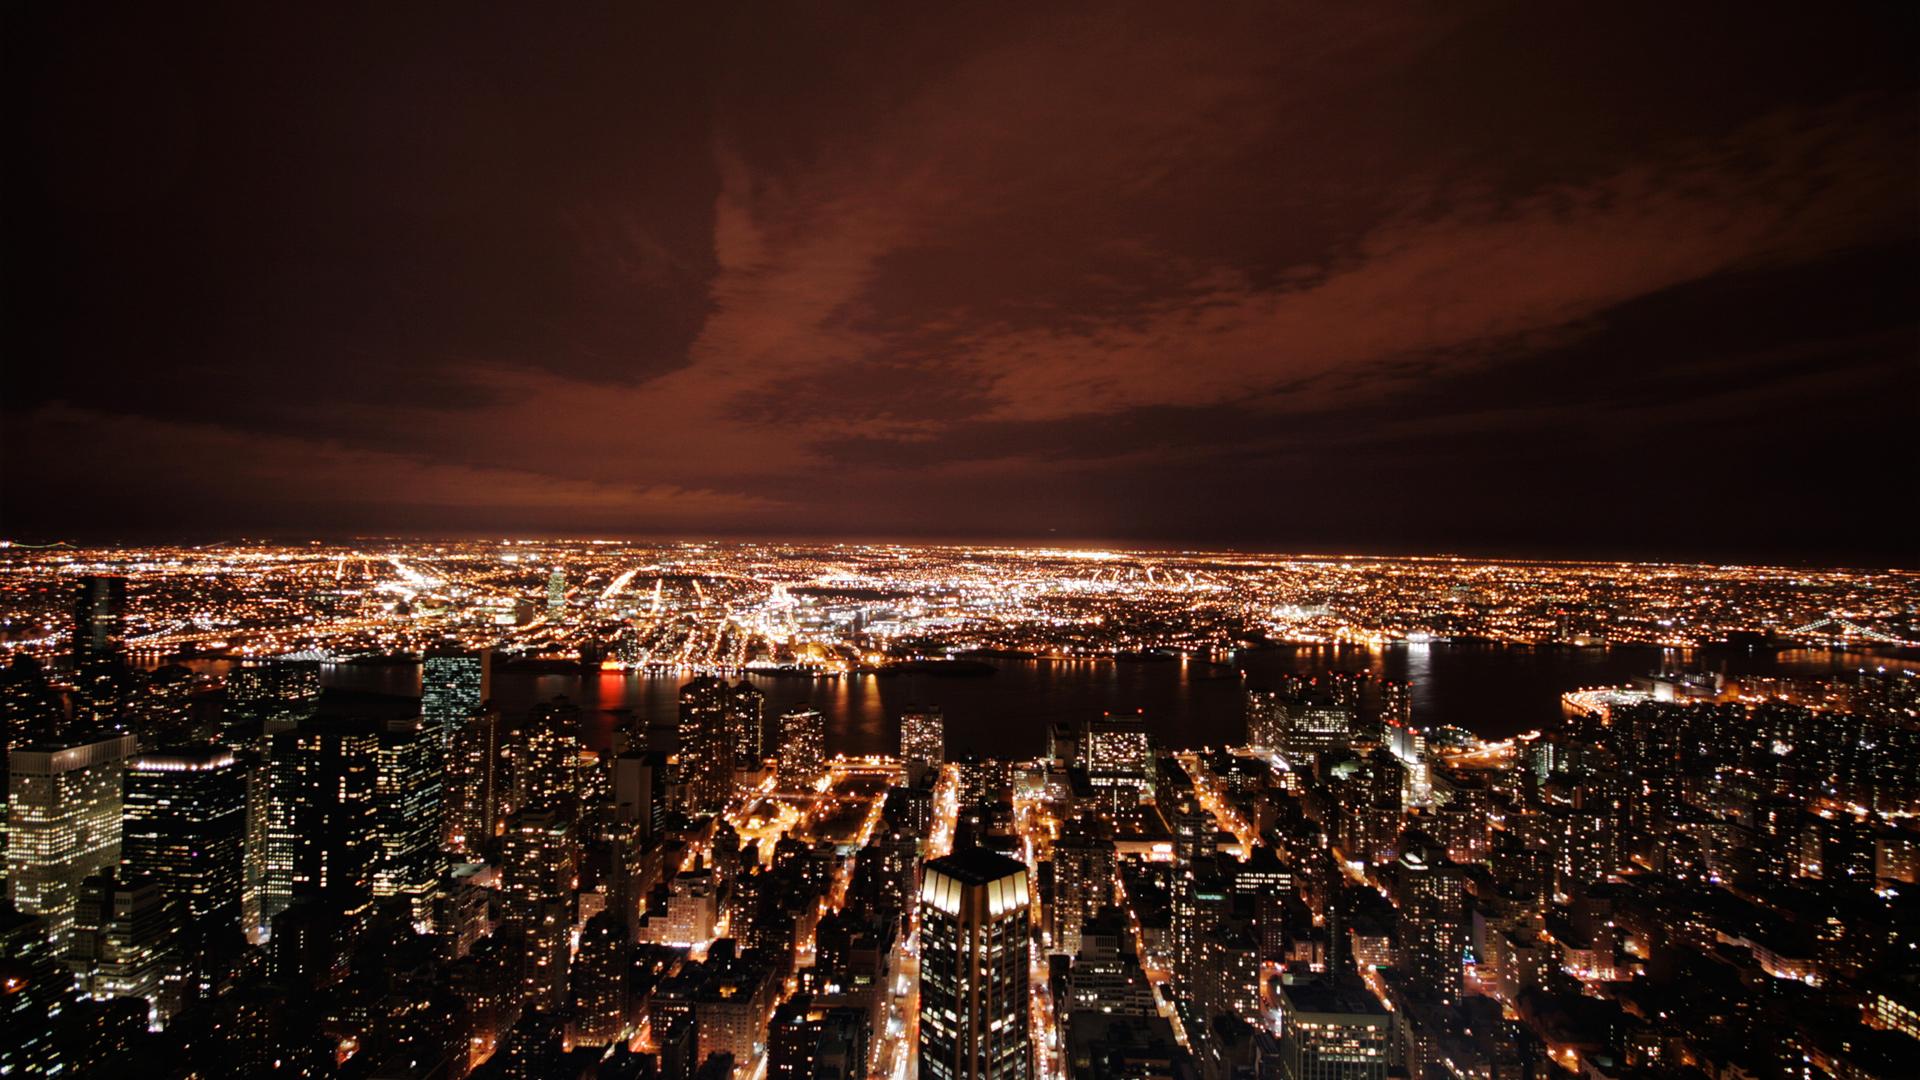 高清精美城市风景风光摄影宽屏壁纸 1920x1080壁纸1